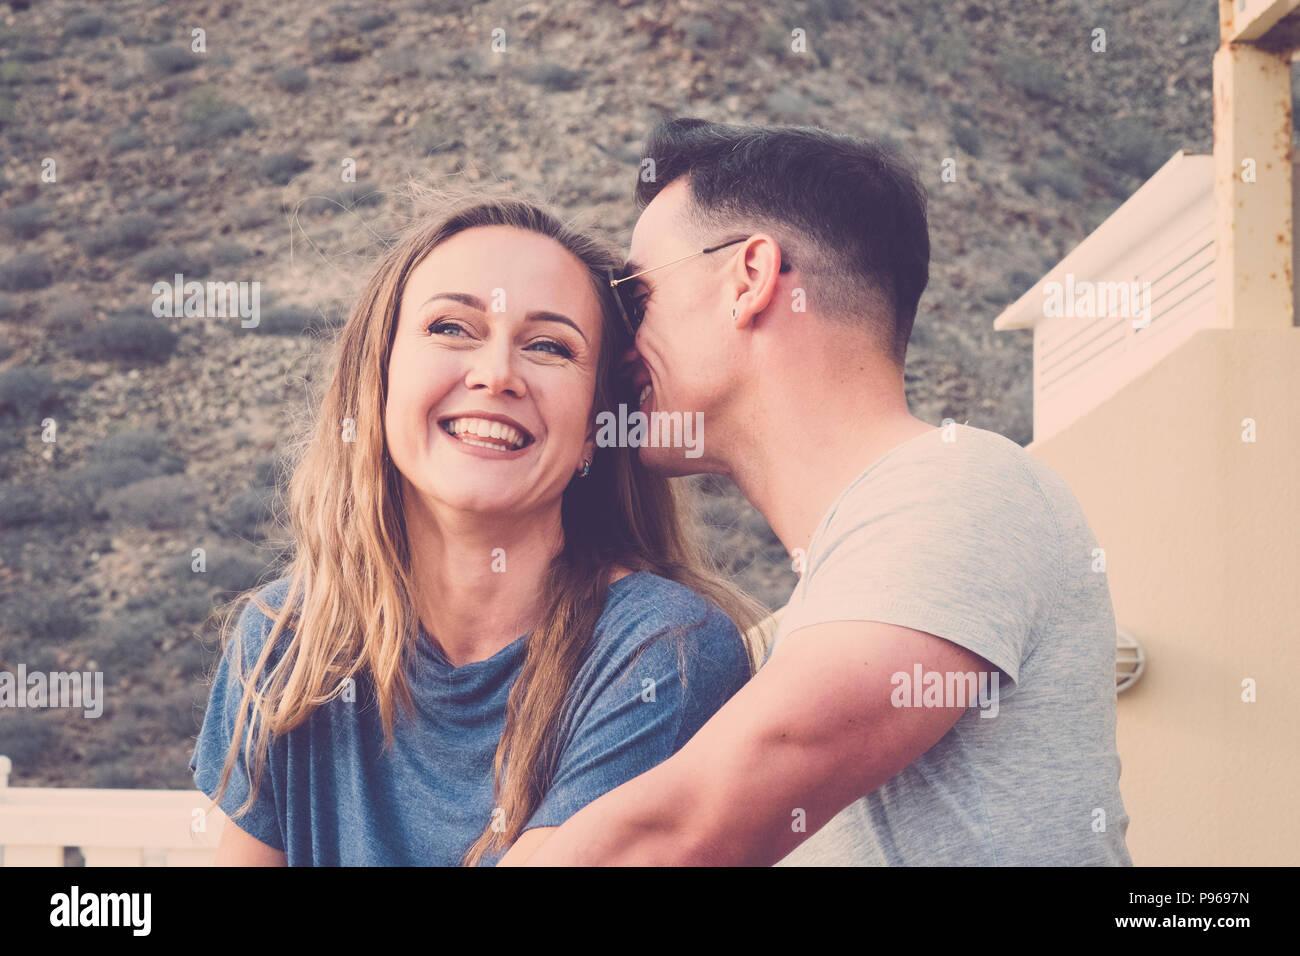 Bella giovane coppia caucasian nell'amore insieme flirt e godetevi romantici del tempo insieme sulla terrazza con montagna backgorund naturale. La felicità e rel Immagini Stock